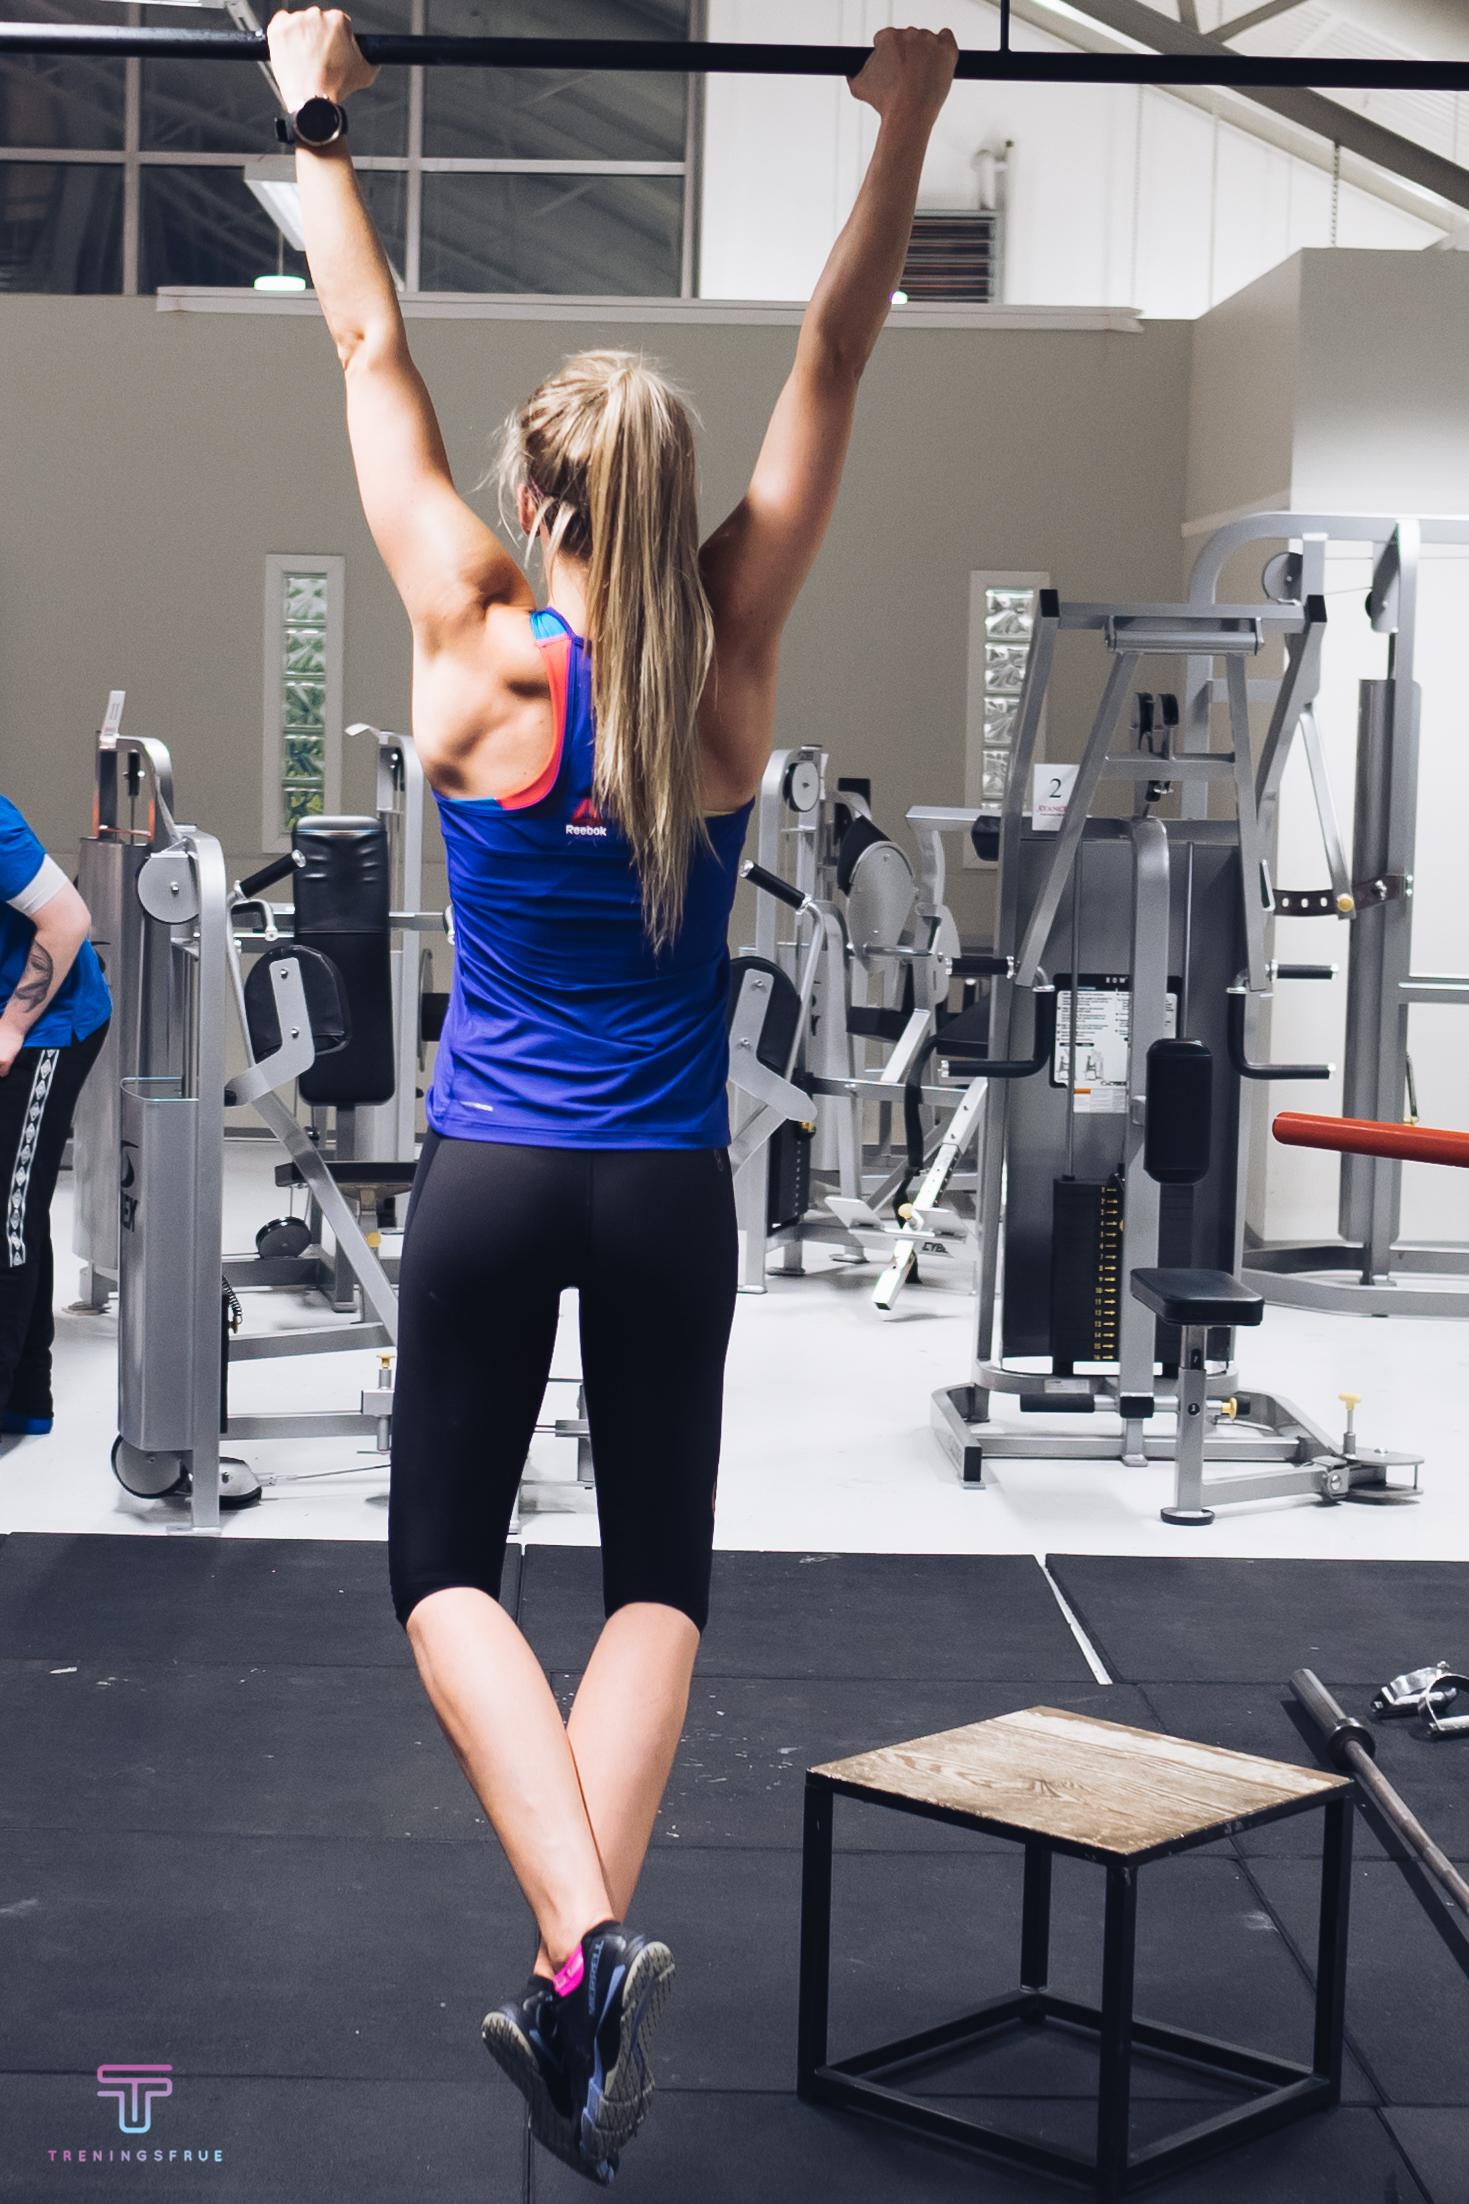 Menns Reebok Crossfit Sprint Trener 20 Sko Gjennomgang